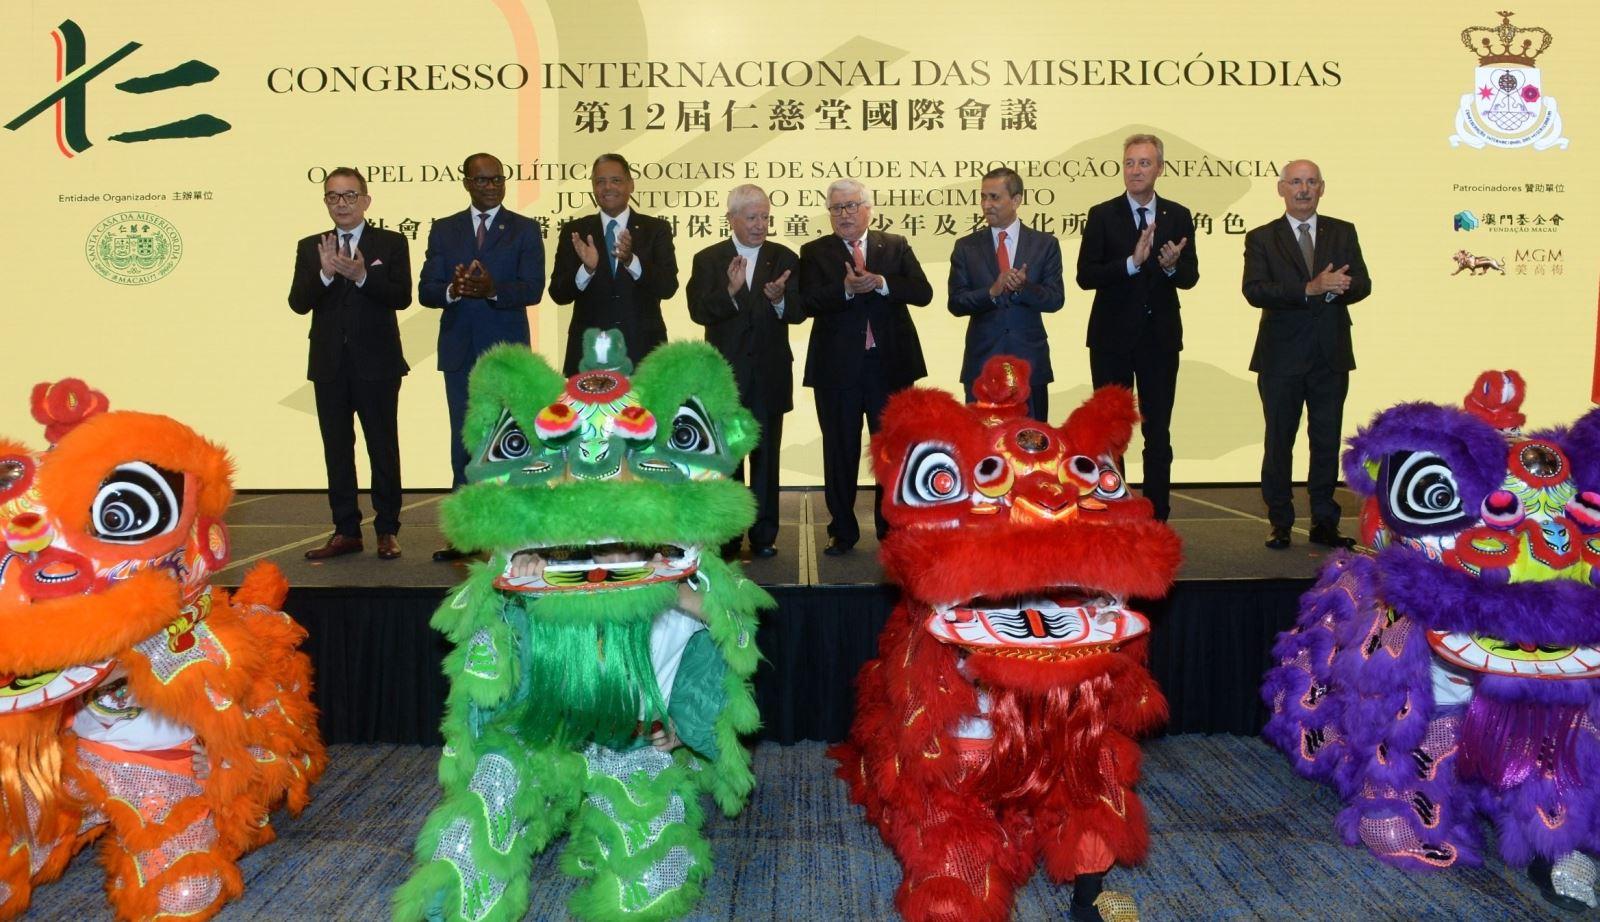 12.º Congresso Internacional das Misericórdias e 450 anos Santa Casa de Macau